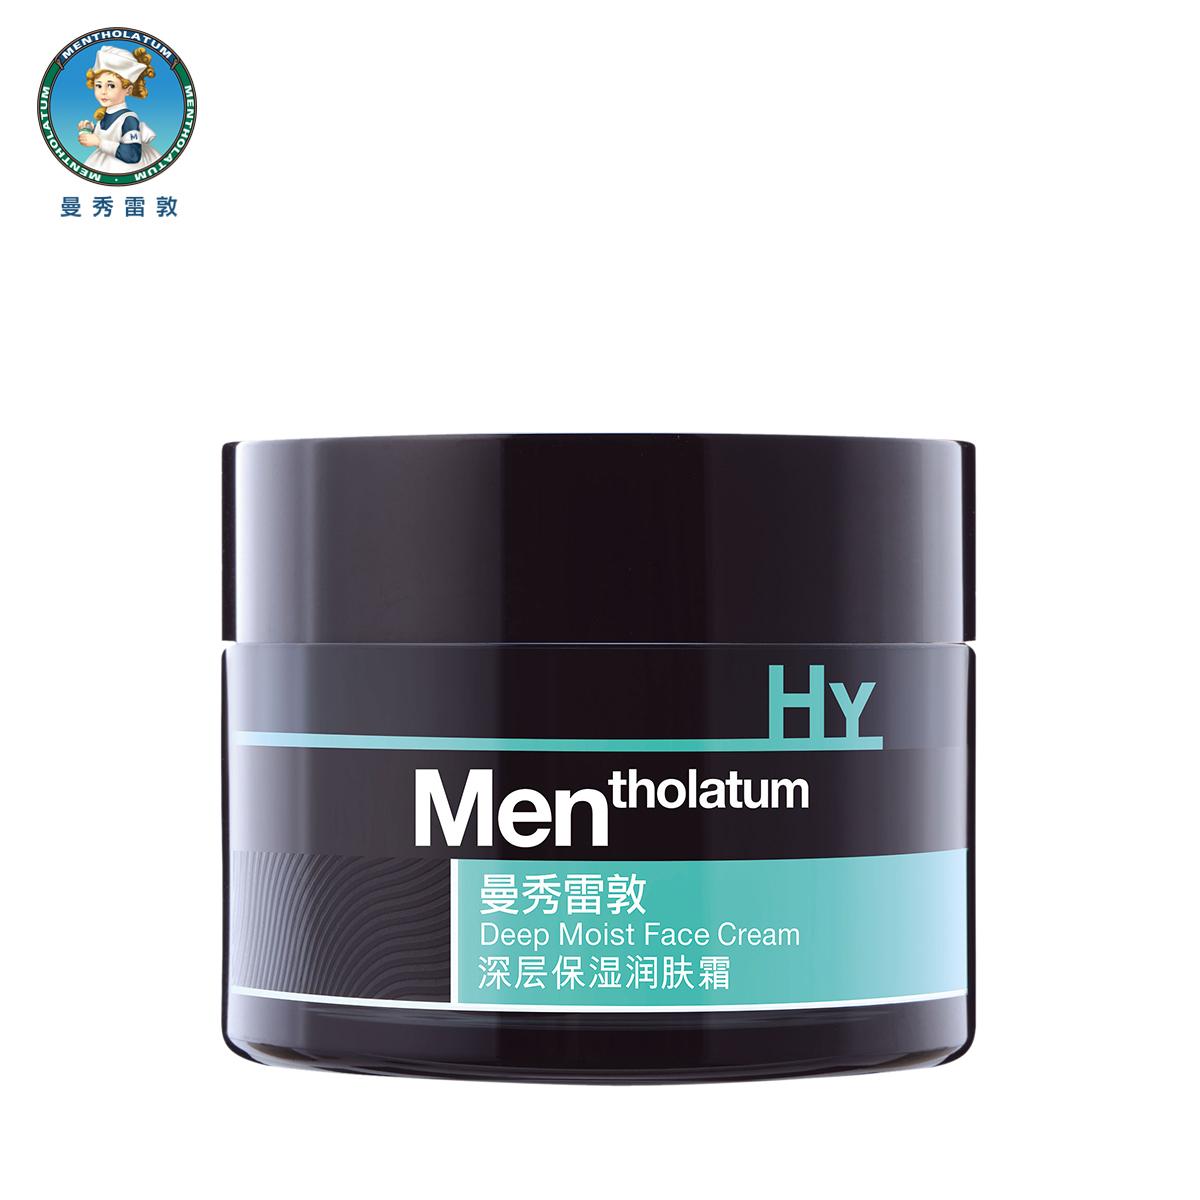 Mentholatum 曼秀雷敦 保濕活力深層保濕潤膚霜